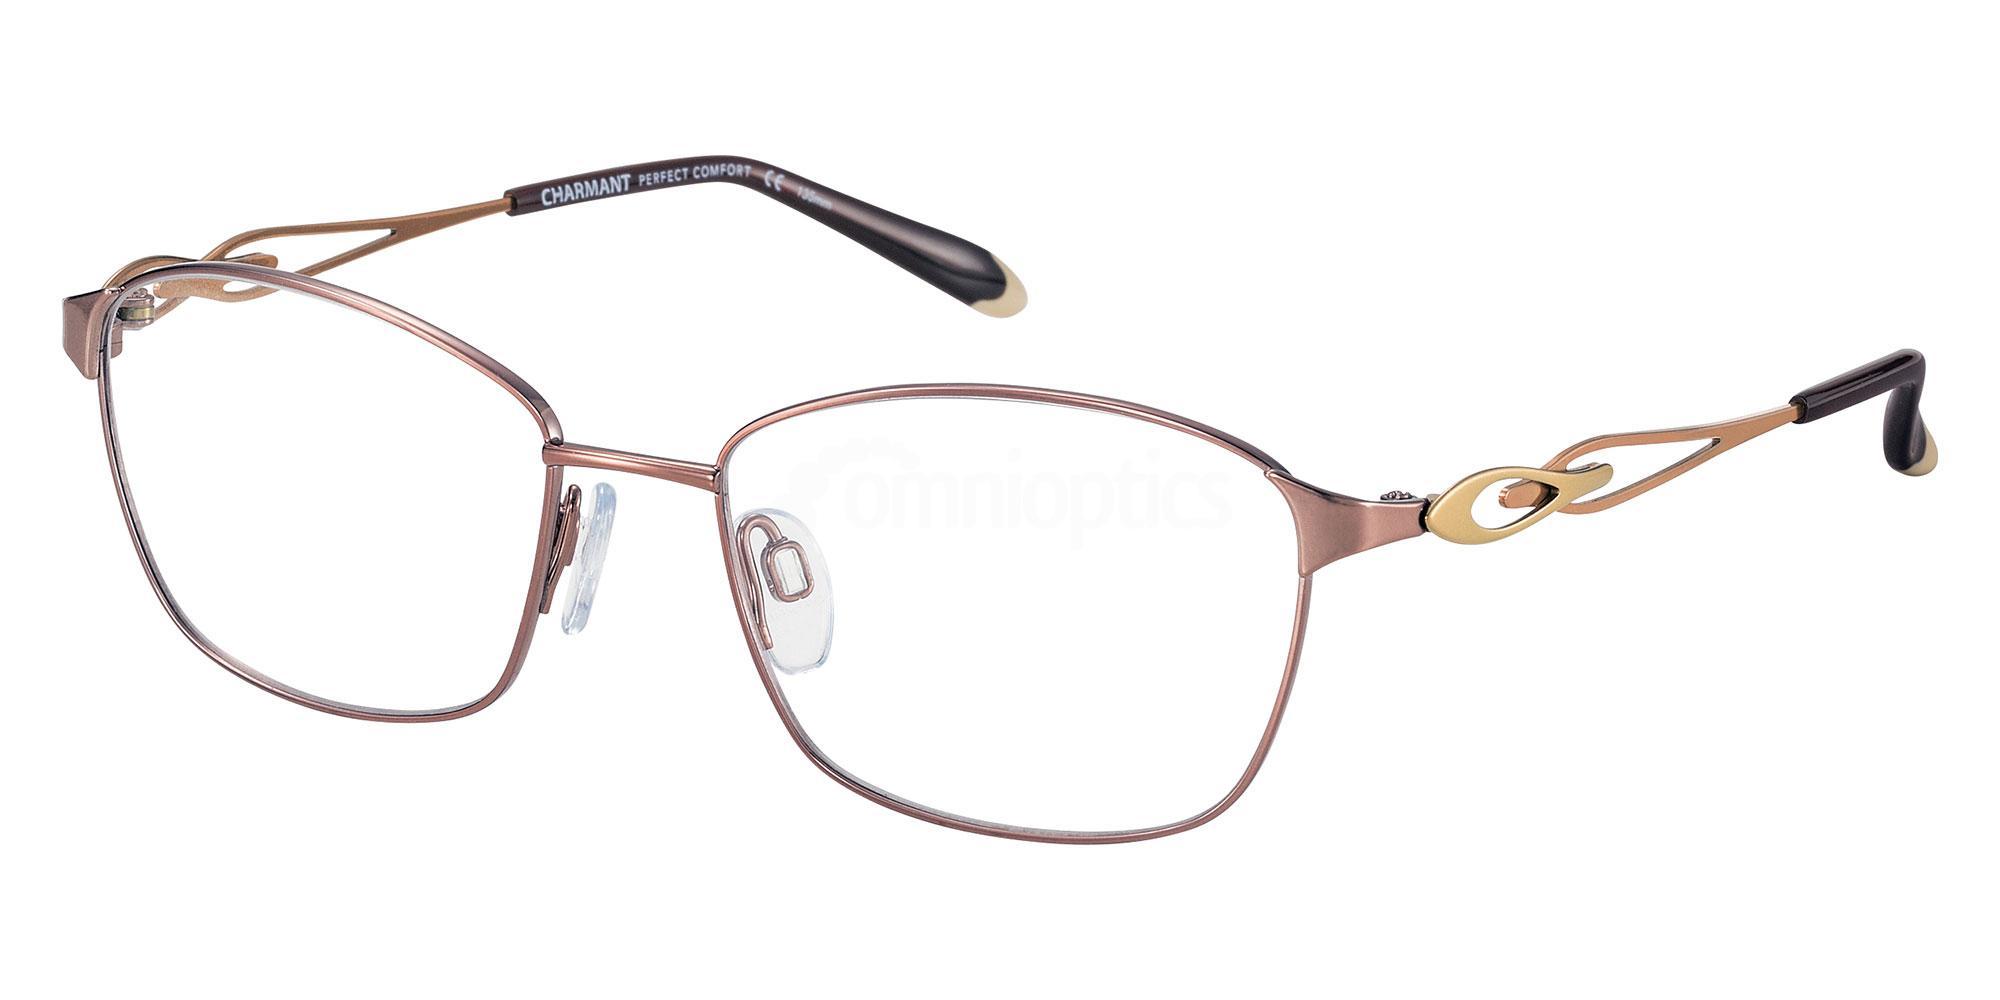 LB CH10640 Glasses, Charmant Perfect Comfort